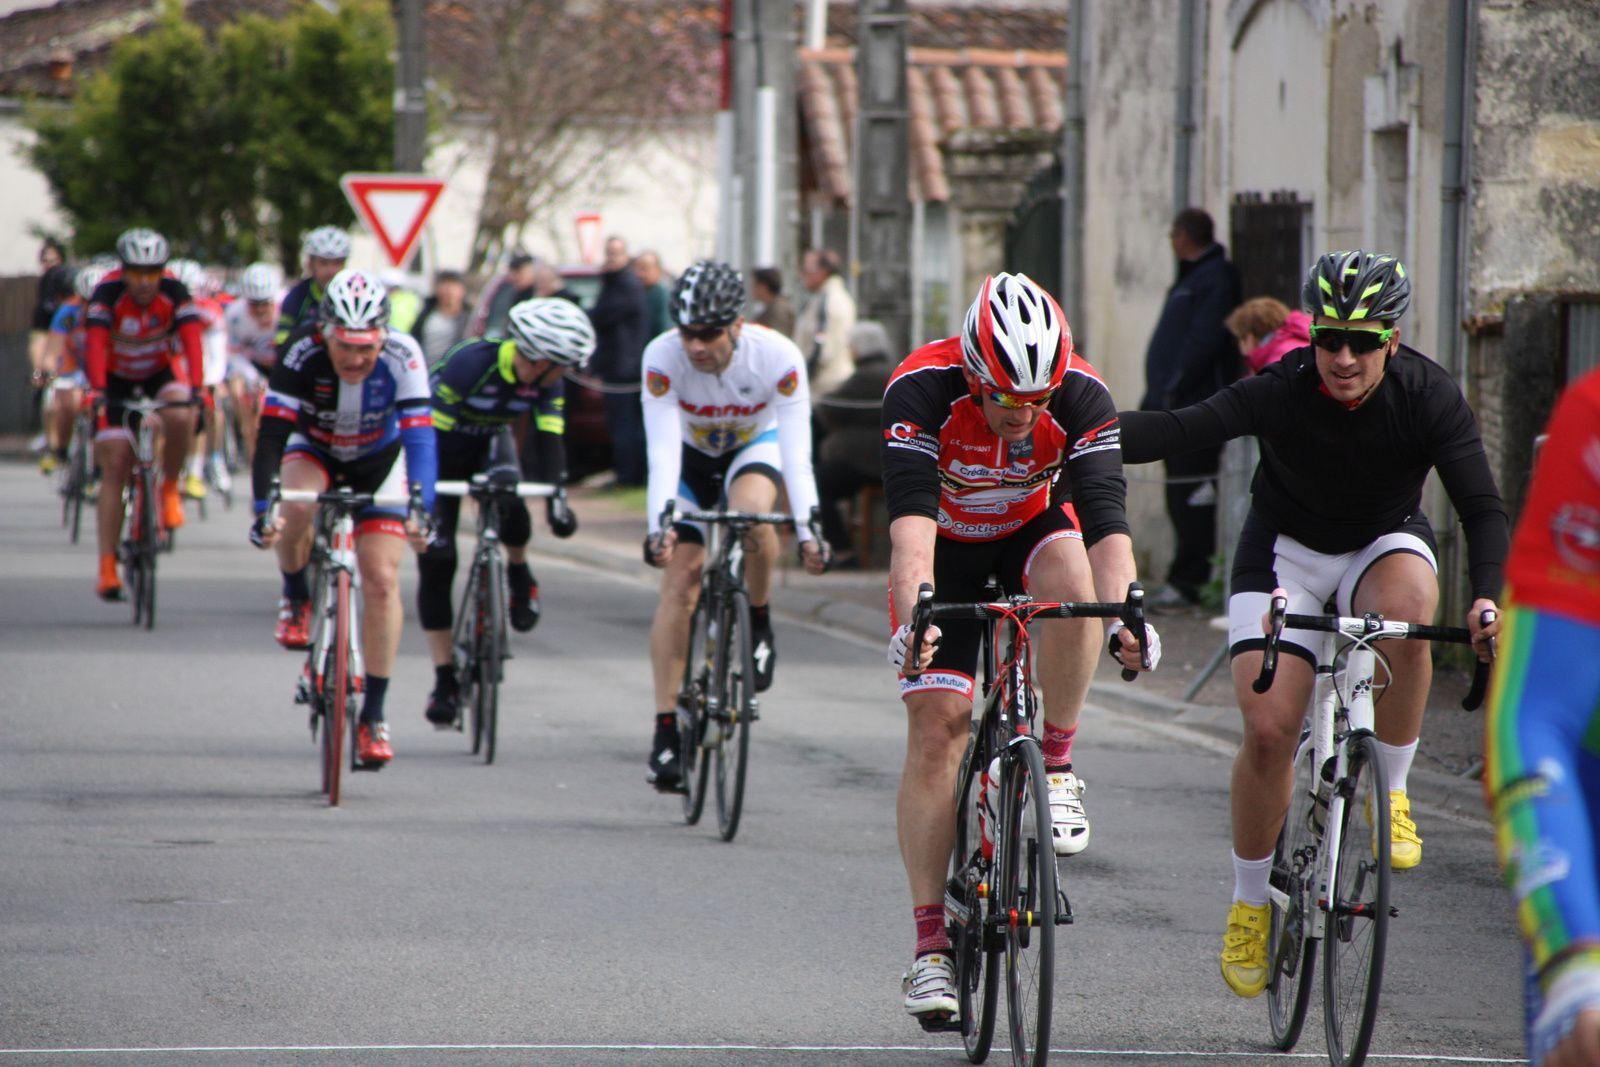 4e  Frédéric  AUMONIER(NL), 5e  Damien  MAUTRE(UA La Rochefoucault), 6e  Jérémy  PAILLOT(NL), 7e  Yannis  CACAULT(CC  Vervant), 8e  Sylvain  DEBOIS(CC  Vervant), 9e  Sébastien  GENDRON (R  Guataise), 10e  Ghislain  GAILLARD(UVA), 11e  Philippe  GOGUET(VC  Saintes), 12e  Raymond  PAILLOT(NL), 13e  Geoffrey  MONERAT(NL), 14e  Alexandre  TANTIN(CC  Vervant), 15e  Daniel  MOREL(17), 16e  Eric  GUYOMARD(CC  Vervant), 17e  Alain  LEBEUX(NL), 18e  Jean-Luc  CONSTANT(NL), 19e  Hervé  BREQUE(AC  Nieul les Saintes), 20e  Benoit  TREBUCQ(CC  Vervant).